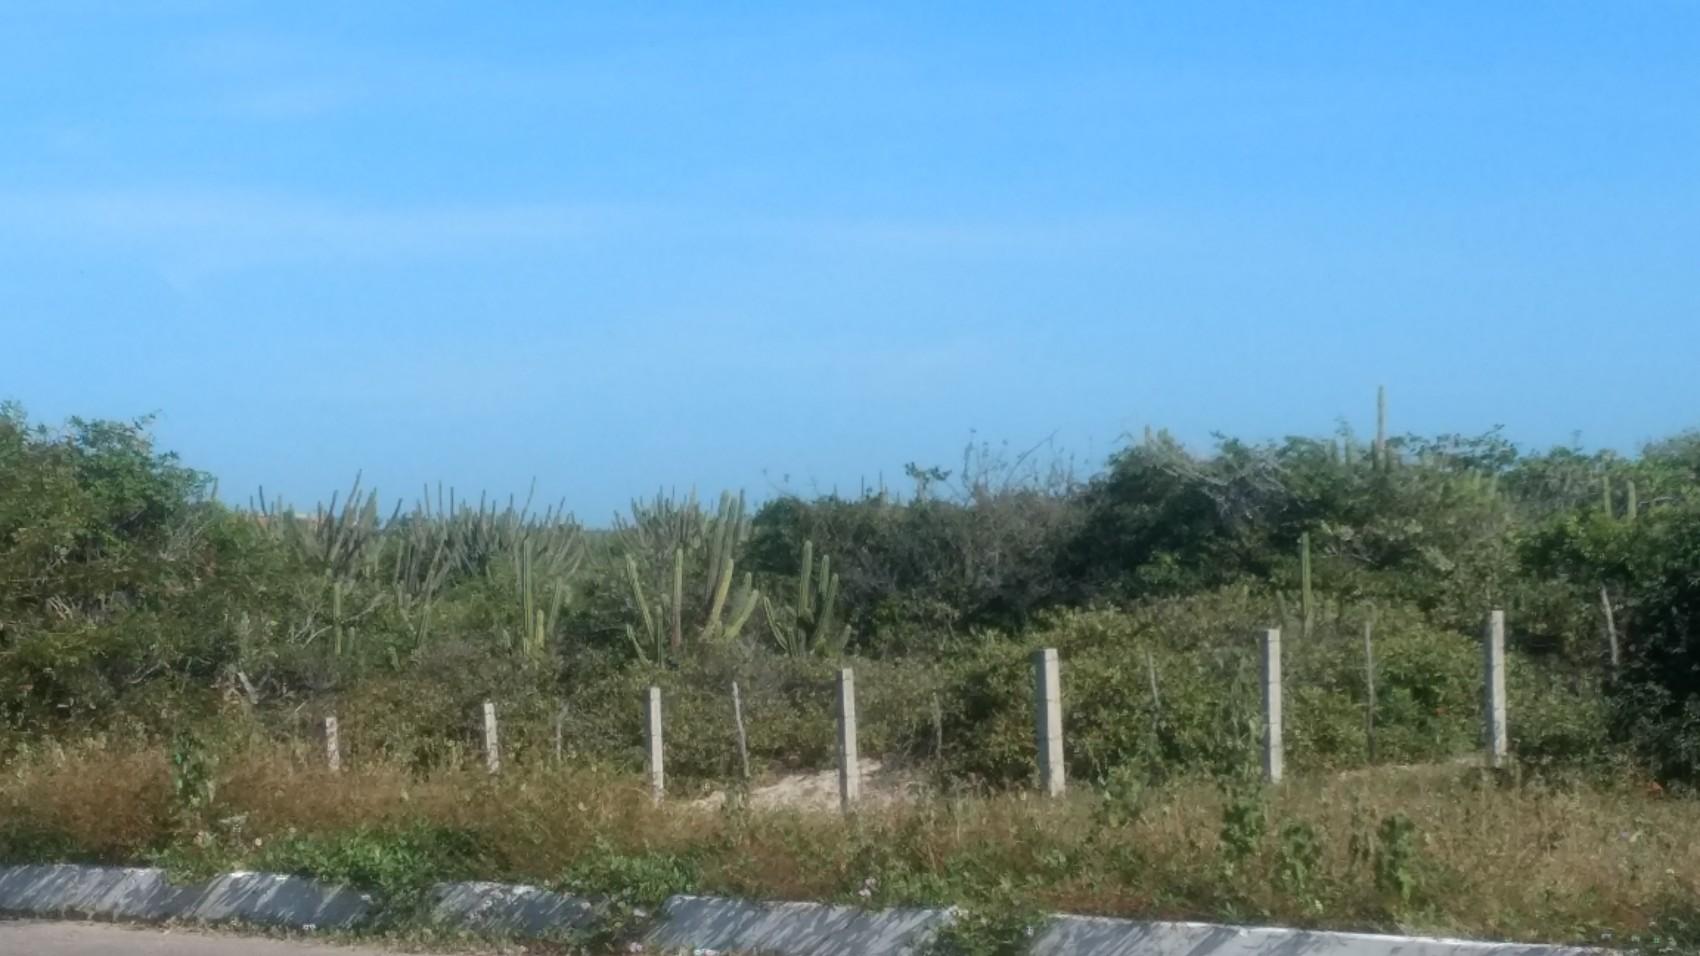 Figura 17 – Formação arbustivo-arbórea com predomínio de Cereus spp. (mandacaru) no litoral piauiense, em Luís Correia (PI). Fonte: Arquivo pessoal.